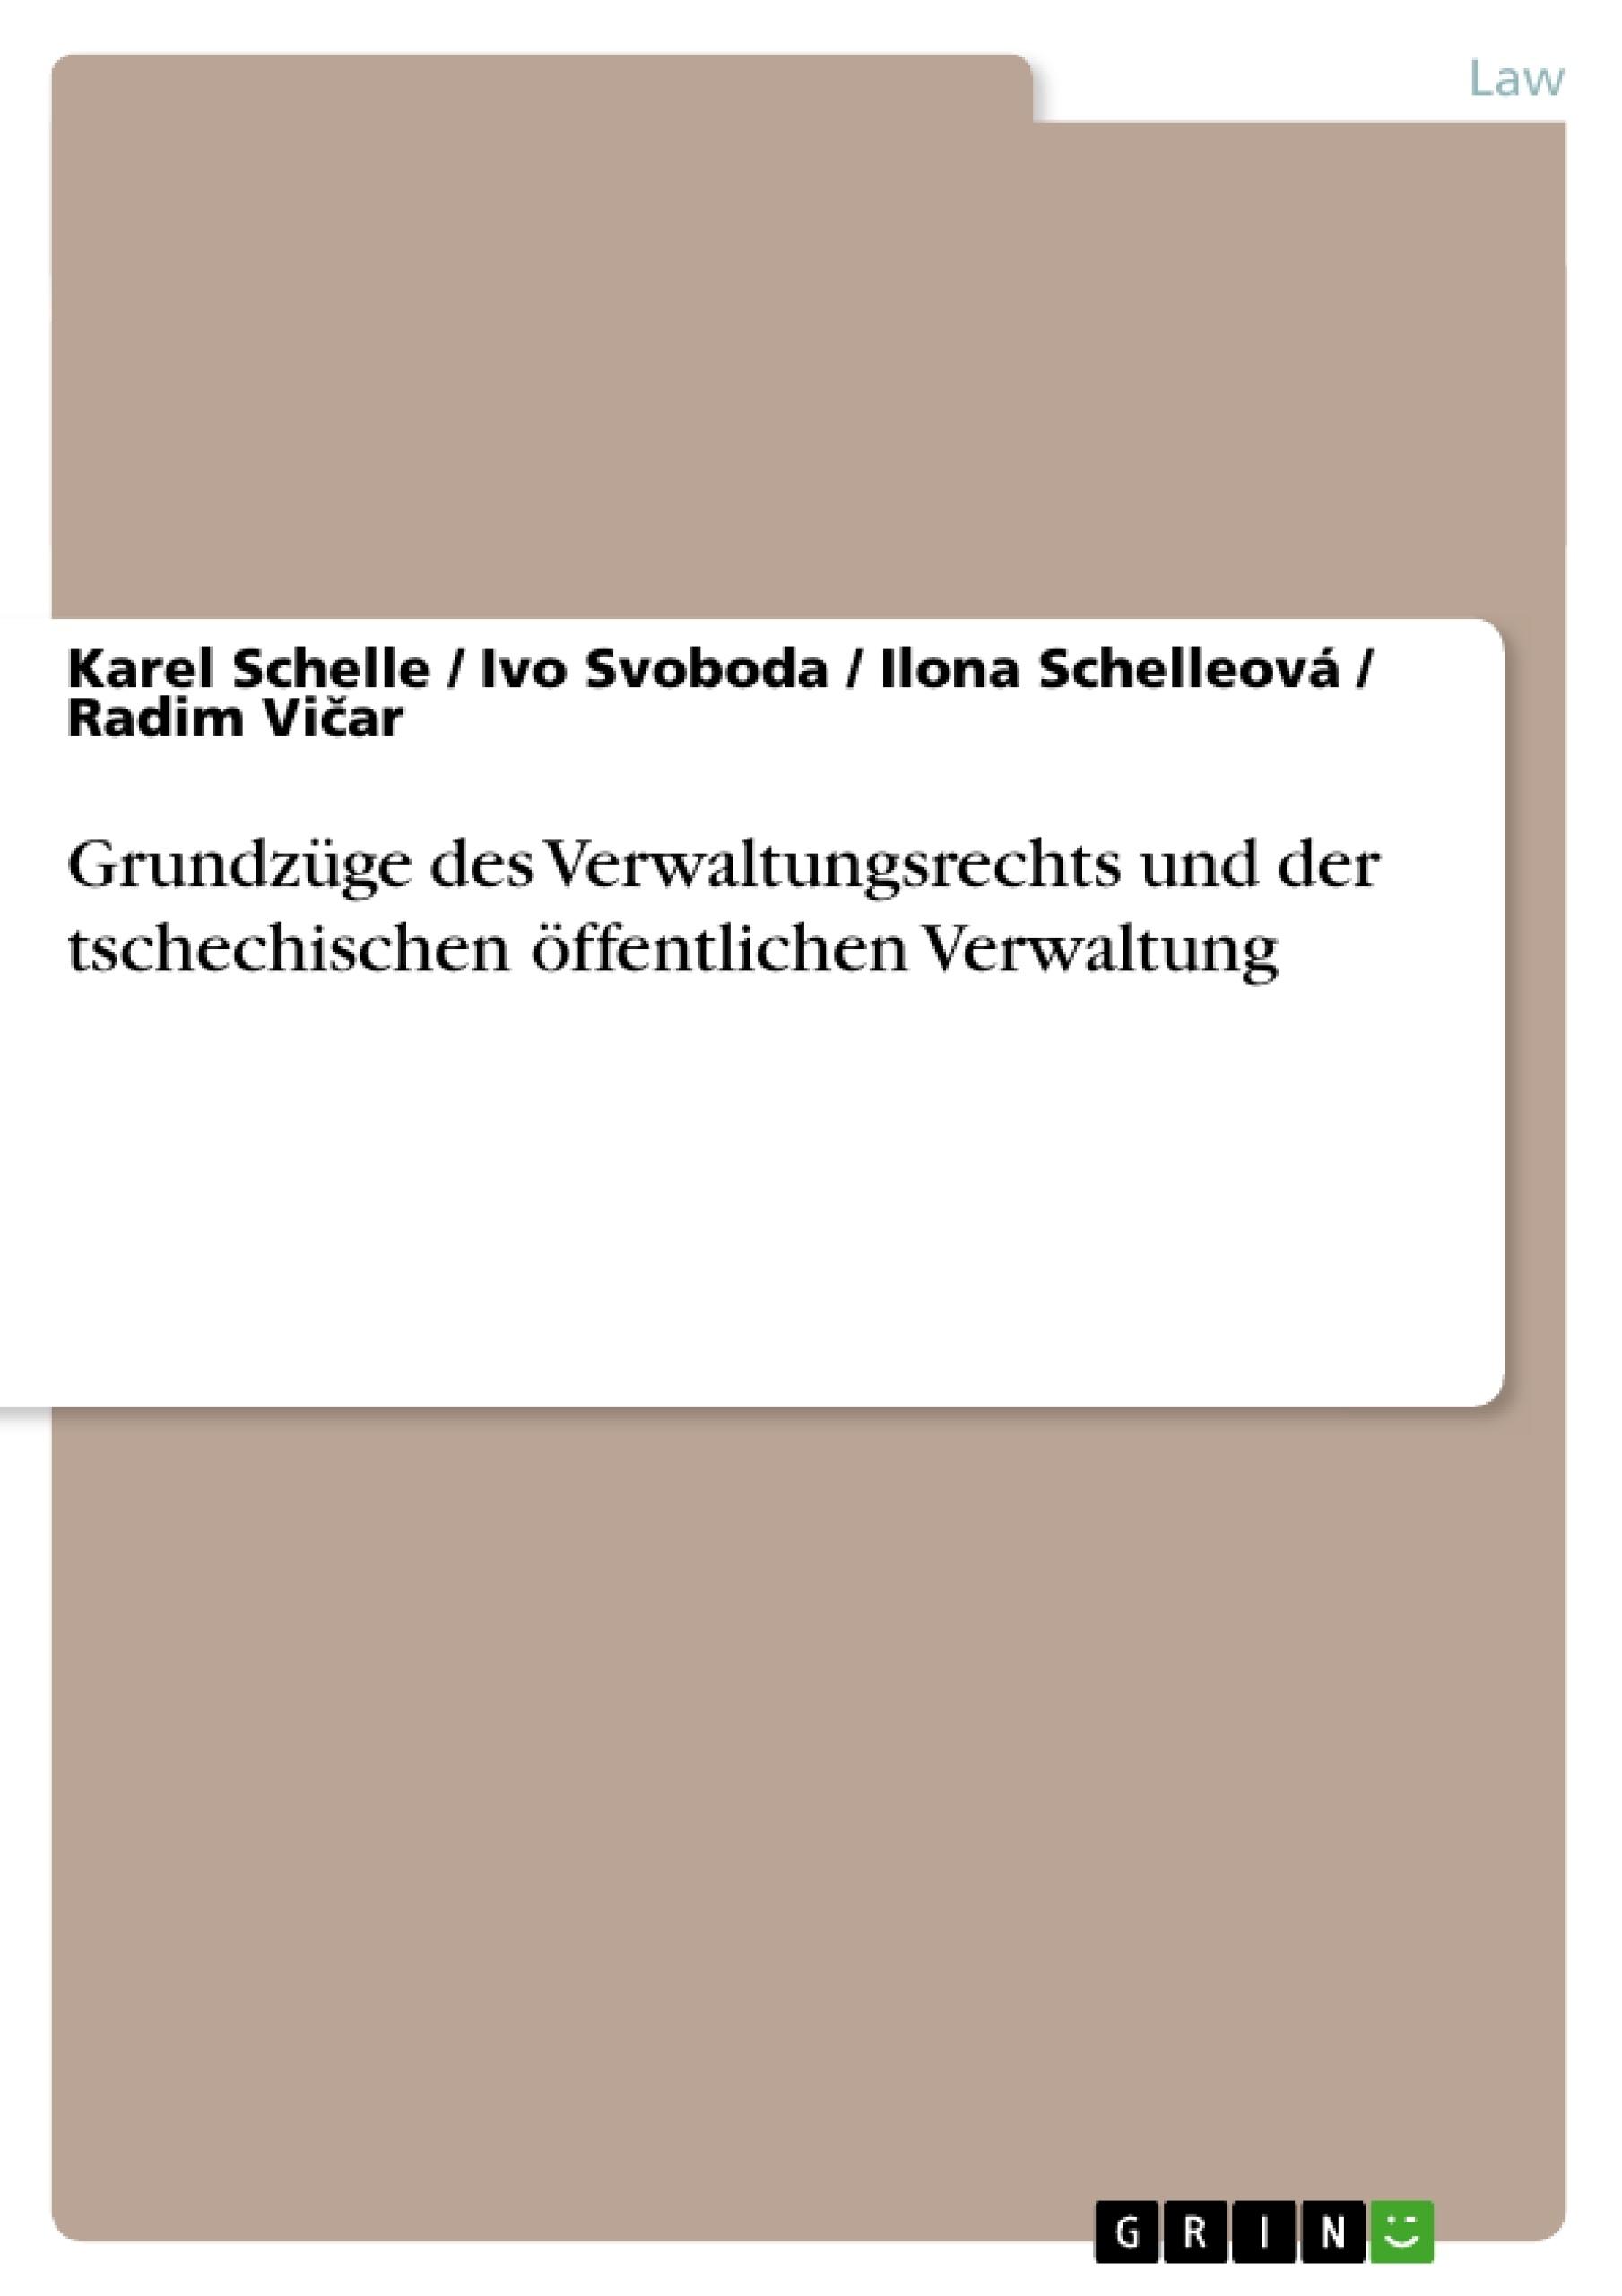 Title: Grundzüge des Verwaltungsrechts und der tschechischen öffentlichen Verwaltung